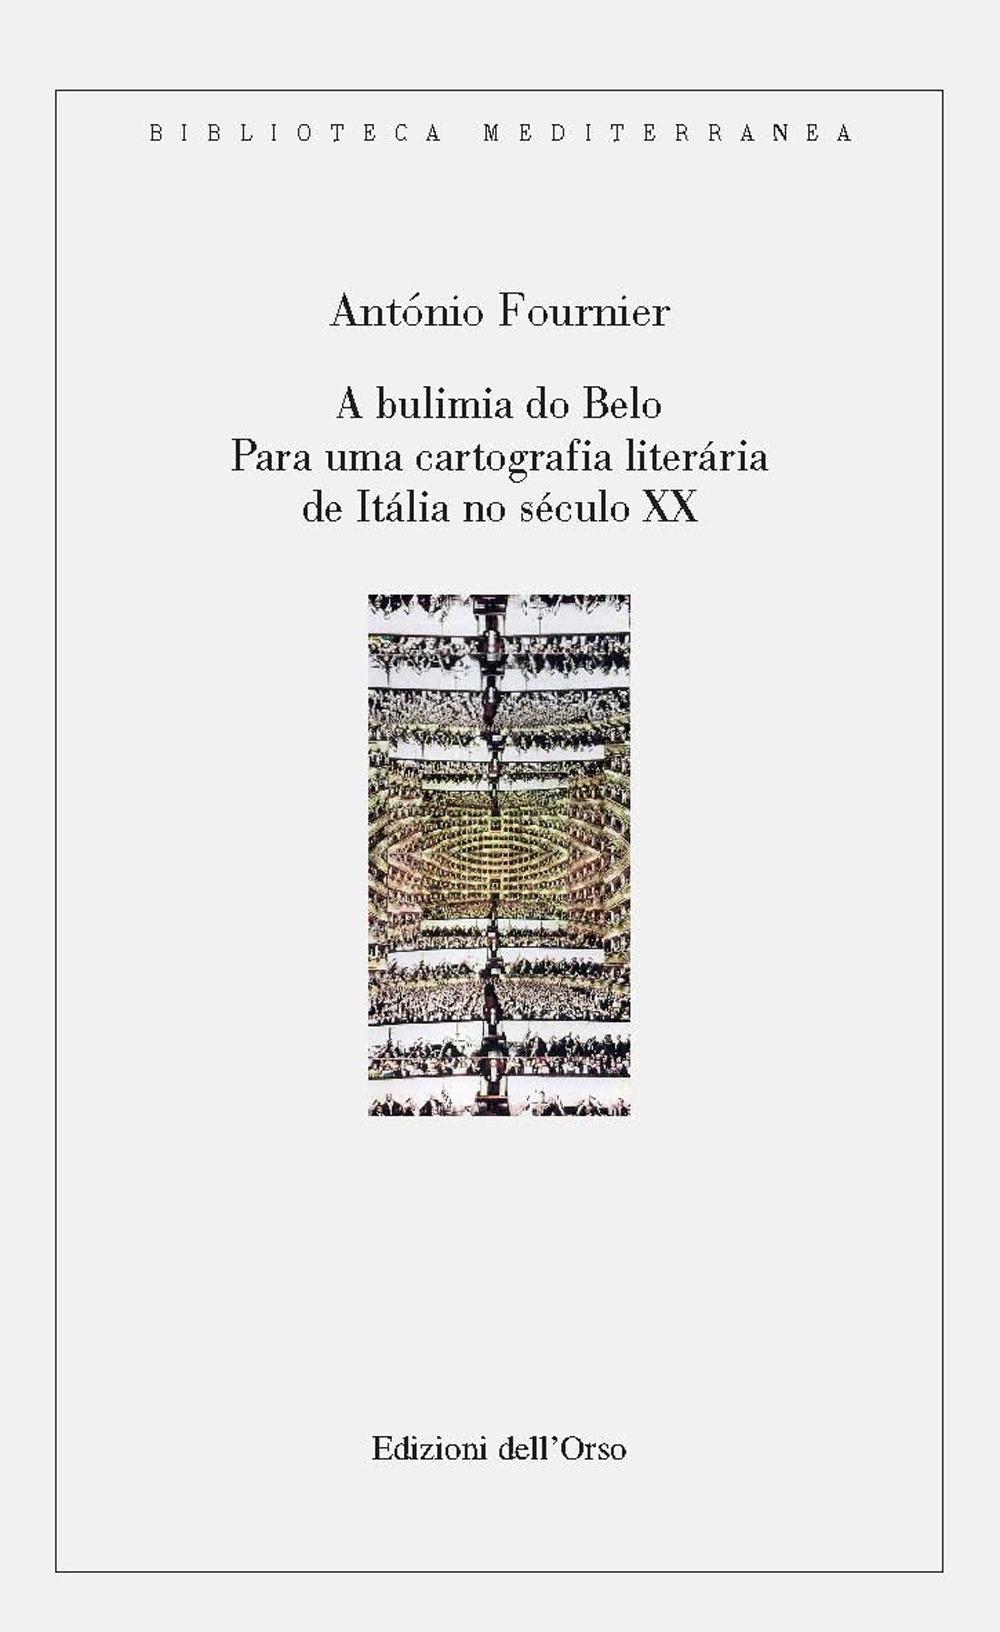 A bulimia do belo. Para una cartografia literária de Itália no século XX. Ediz. portoghese e italiana